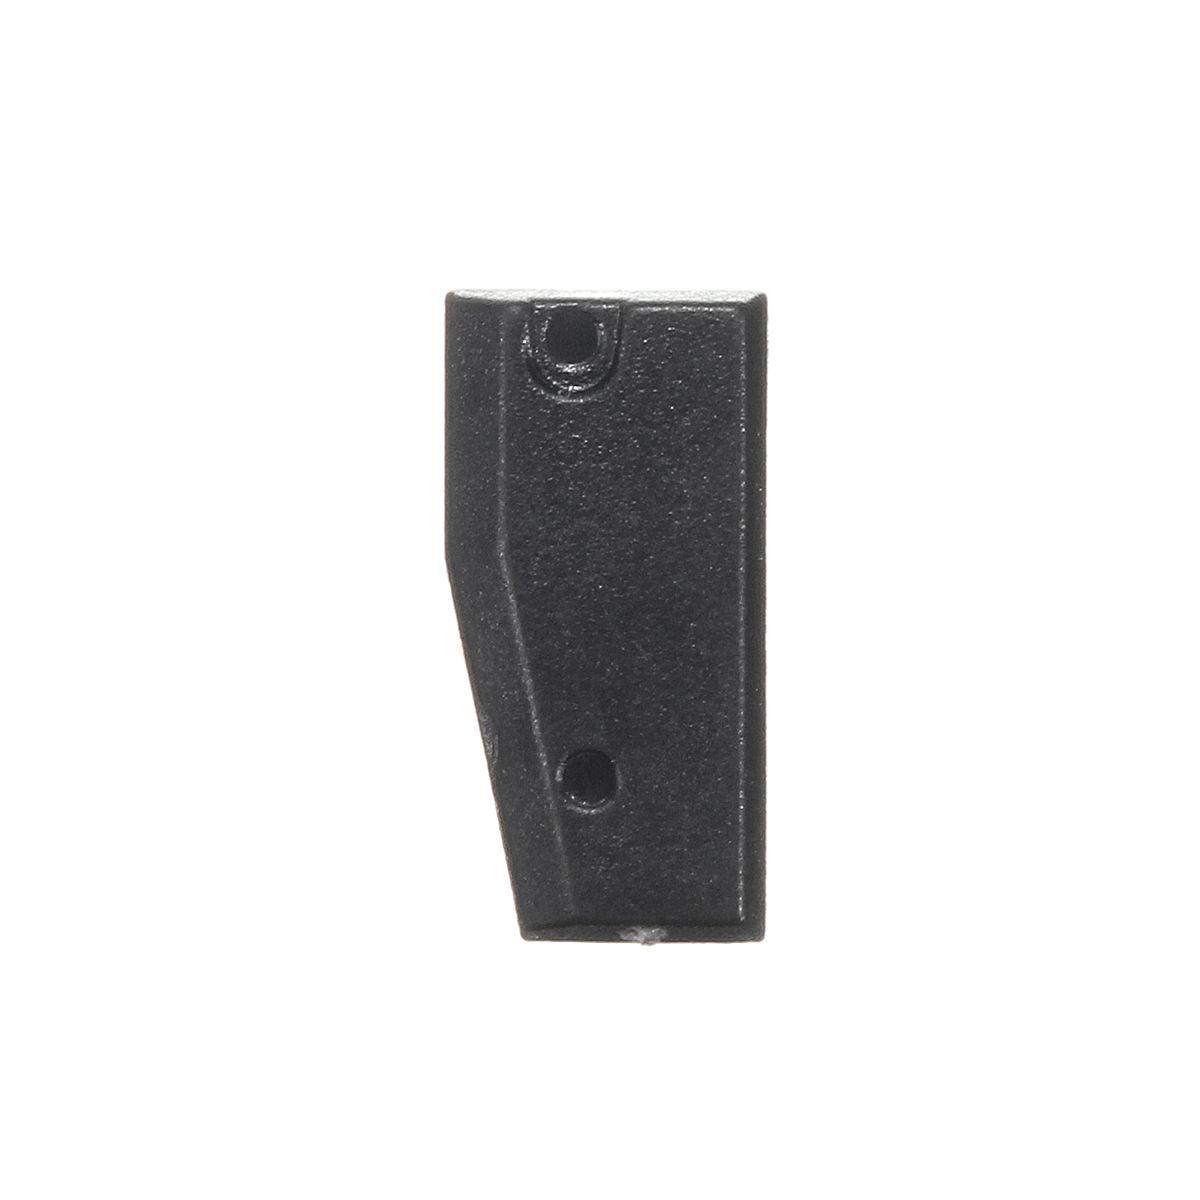 New Black Car Remote Keys 4D63 40Bit Carbon Transponder Chip For Ford for Mazda